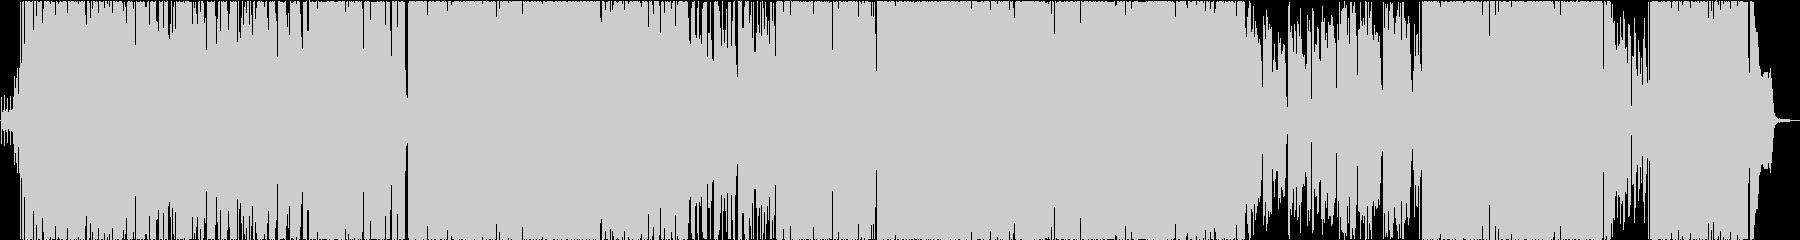 ほんのり切ないJ-POPウインターソングの未再生の波形